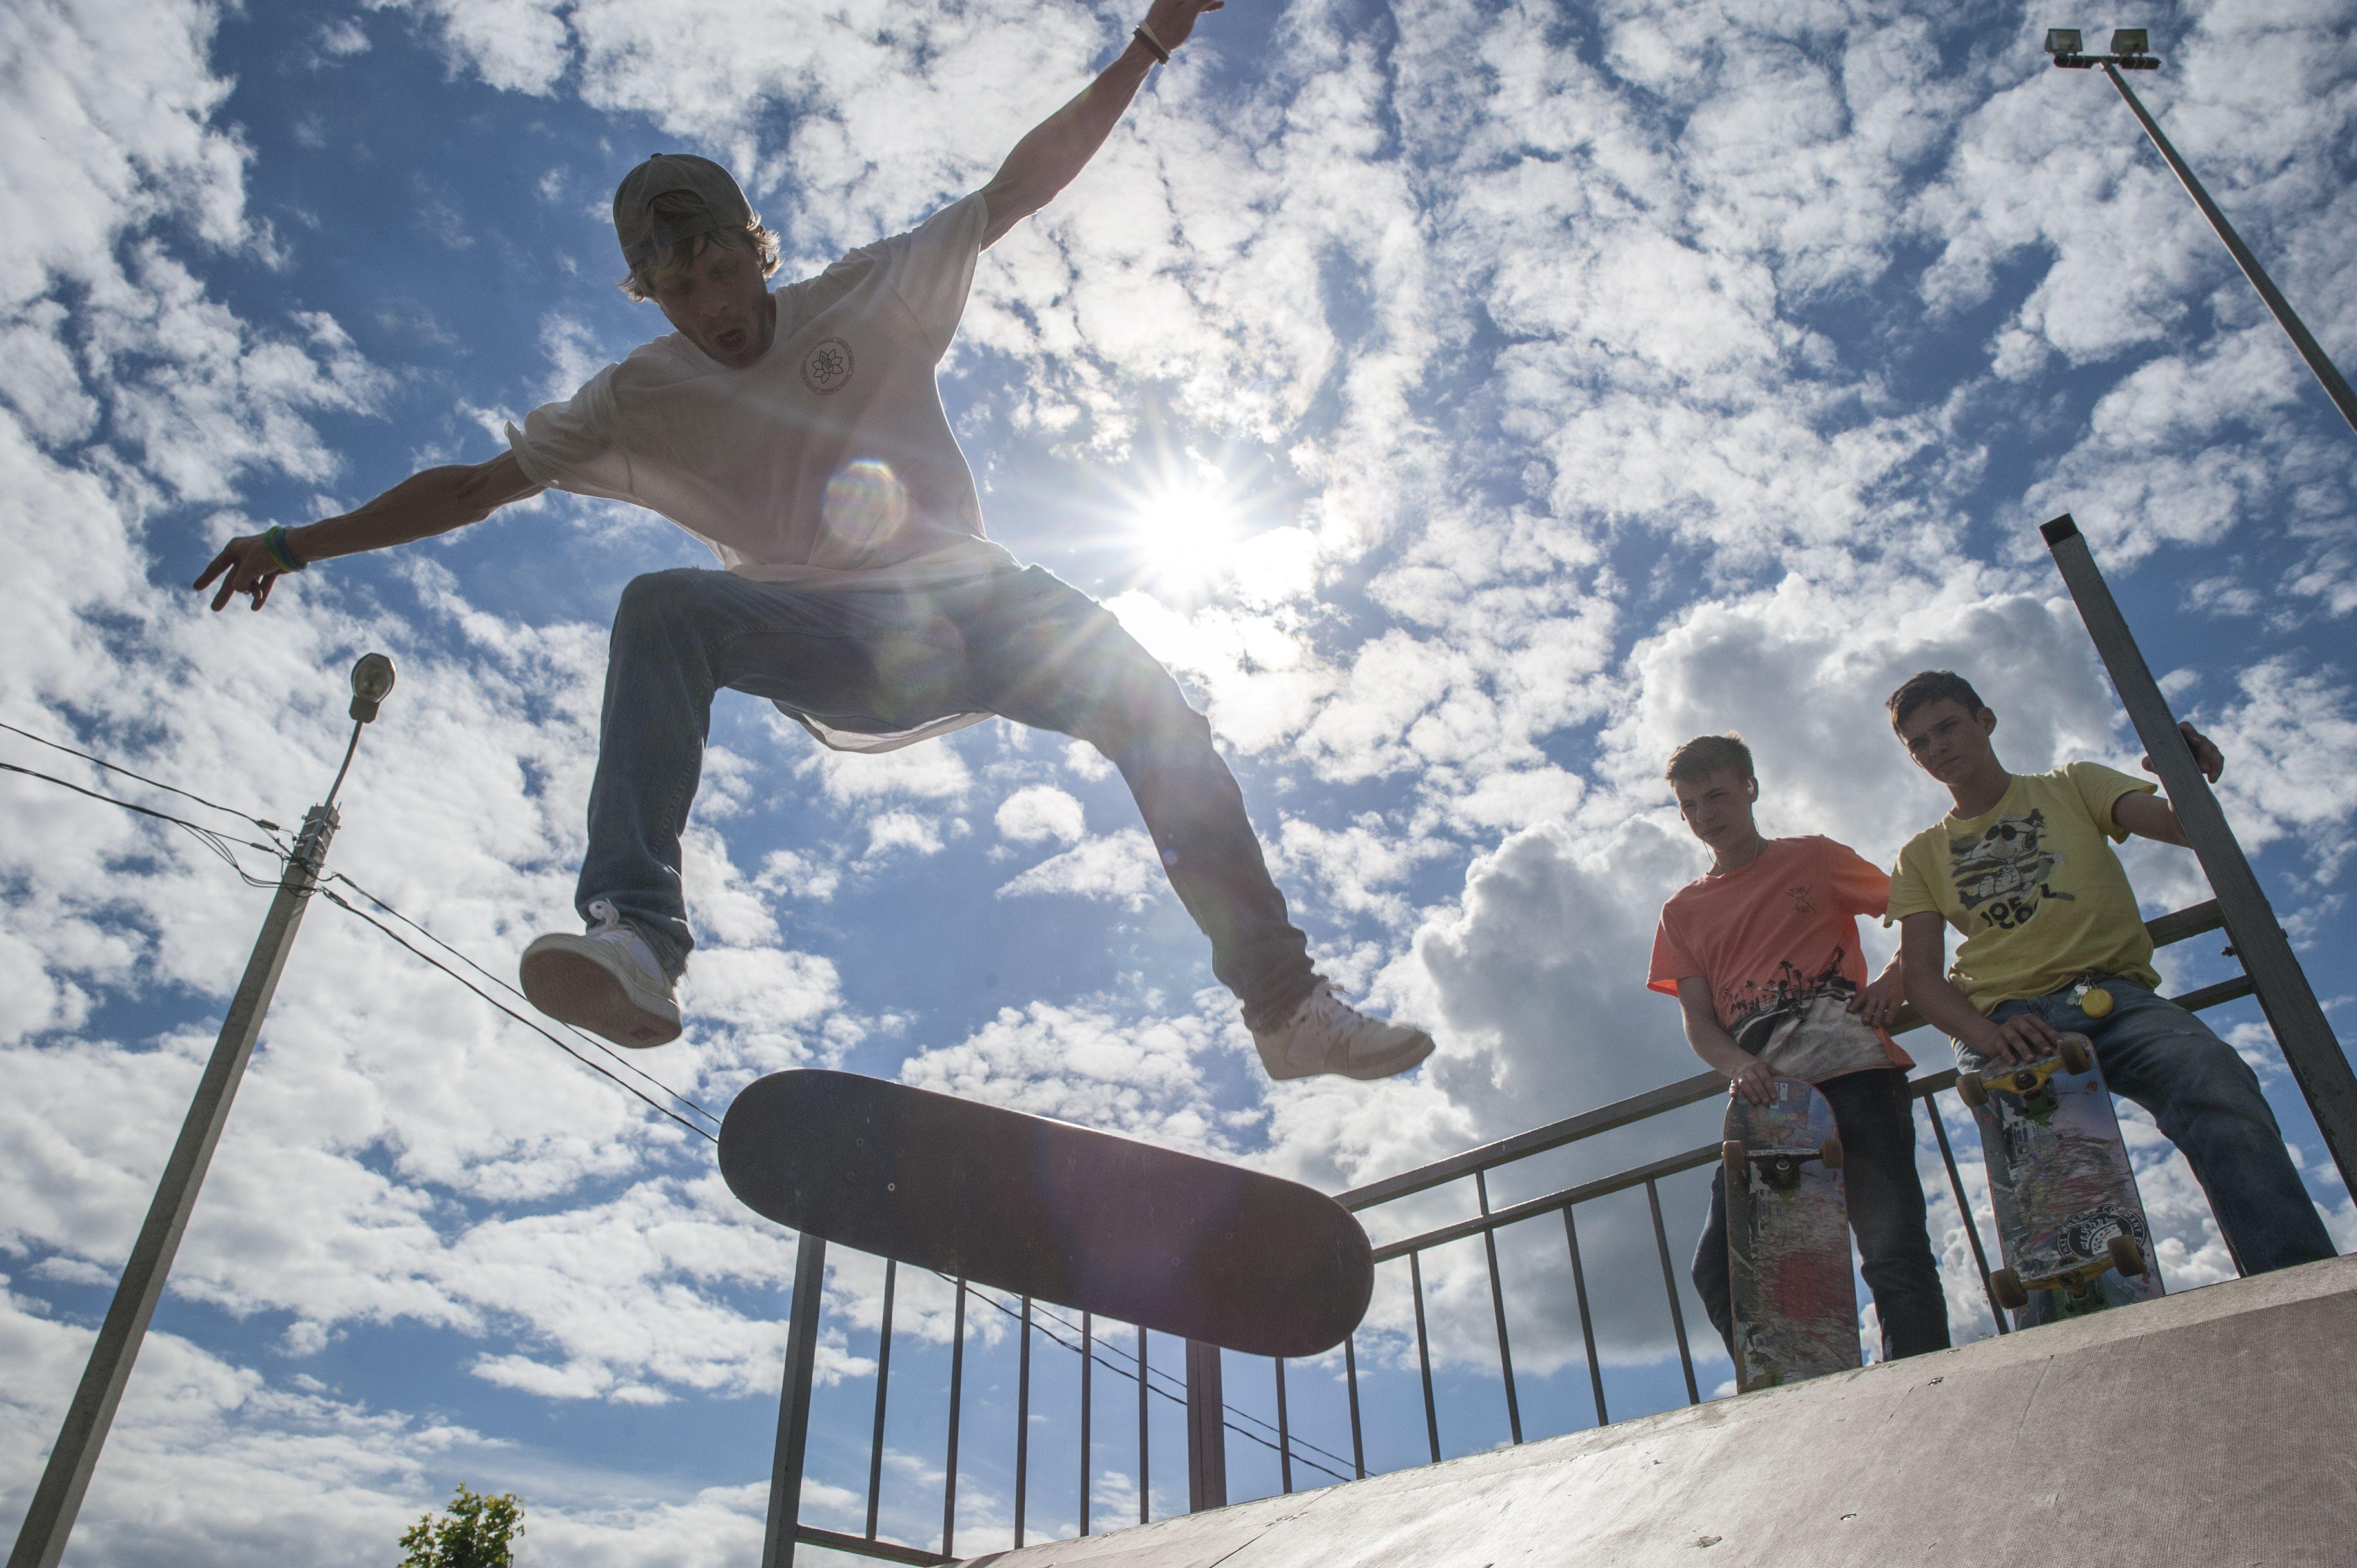 Скейтпарк создадут для жителей Сосенского